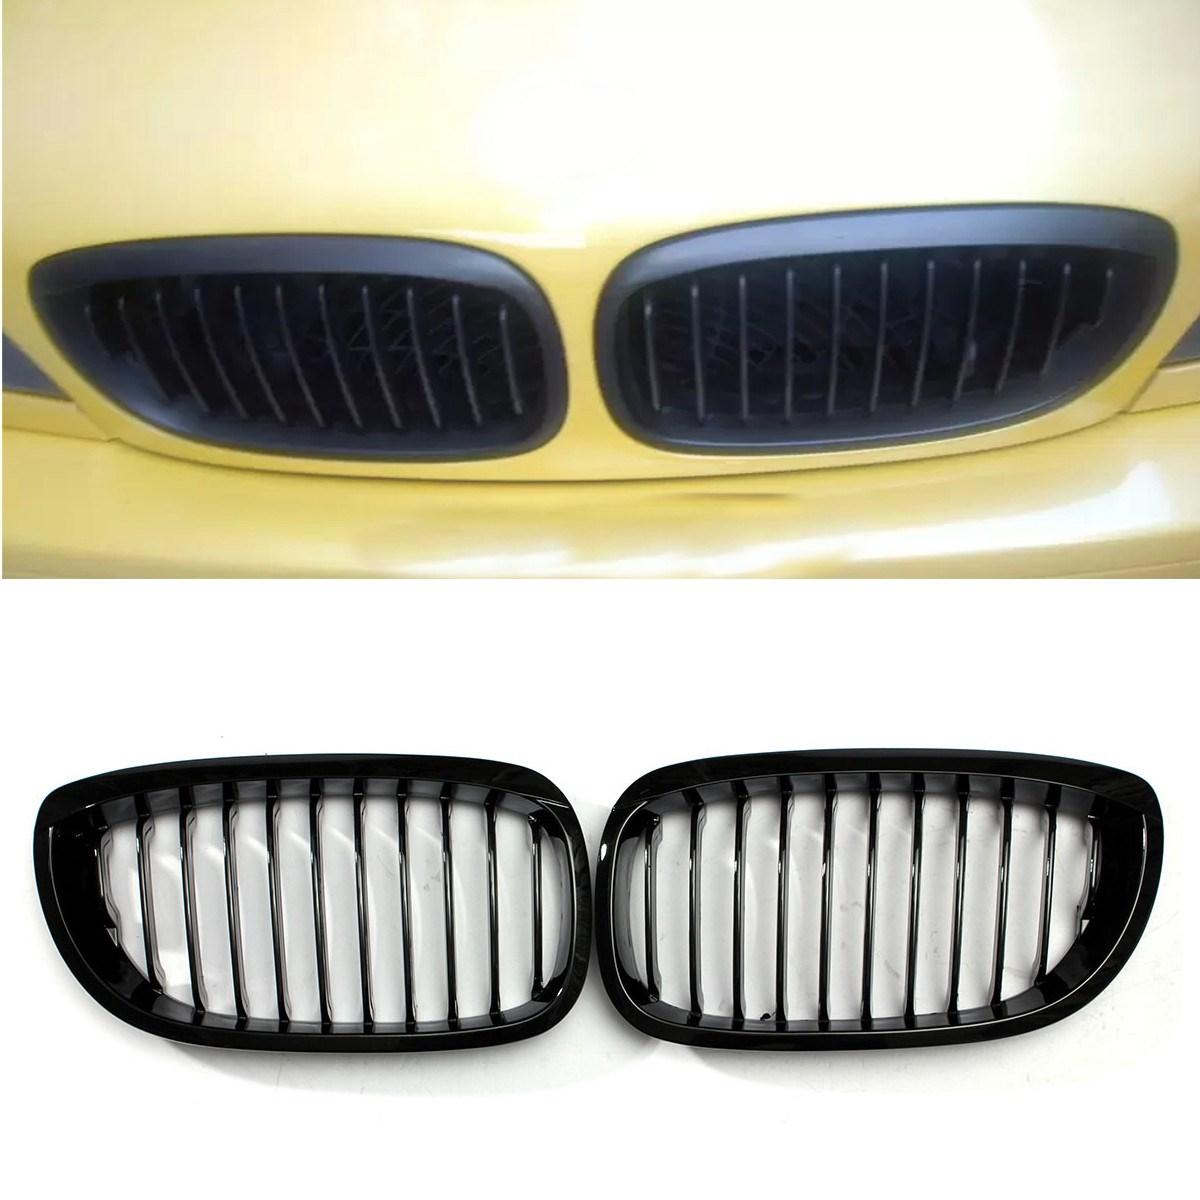 2 шт. черный глянец почек решетка гриль для BMW E46 3 серии 2Dr купе Кабриолет 2002 2003 2004 2005 2006